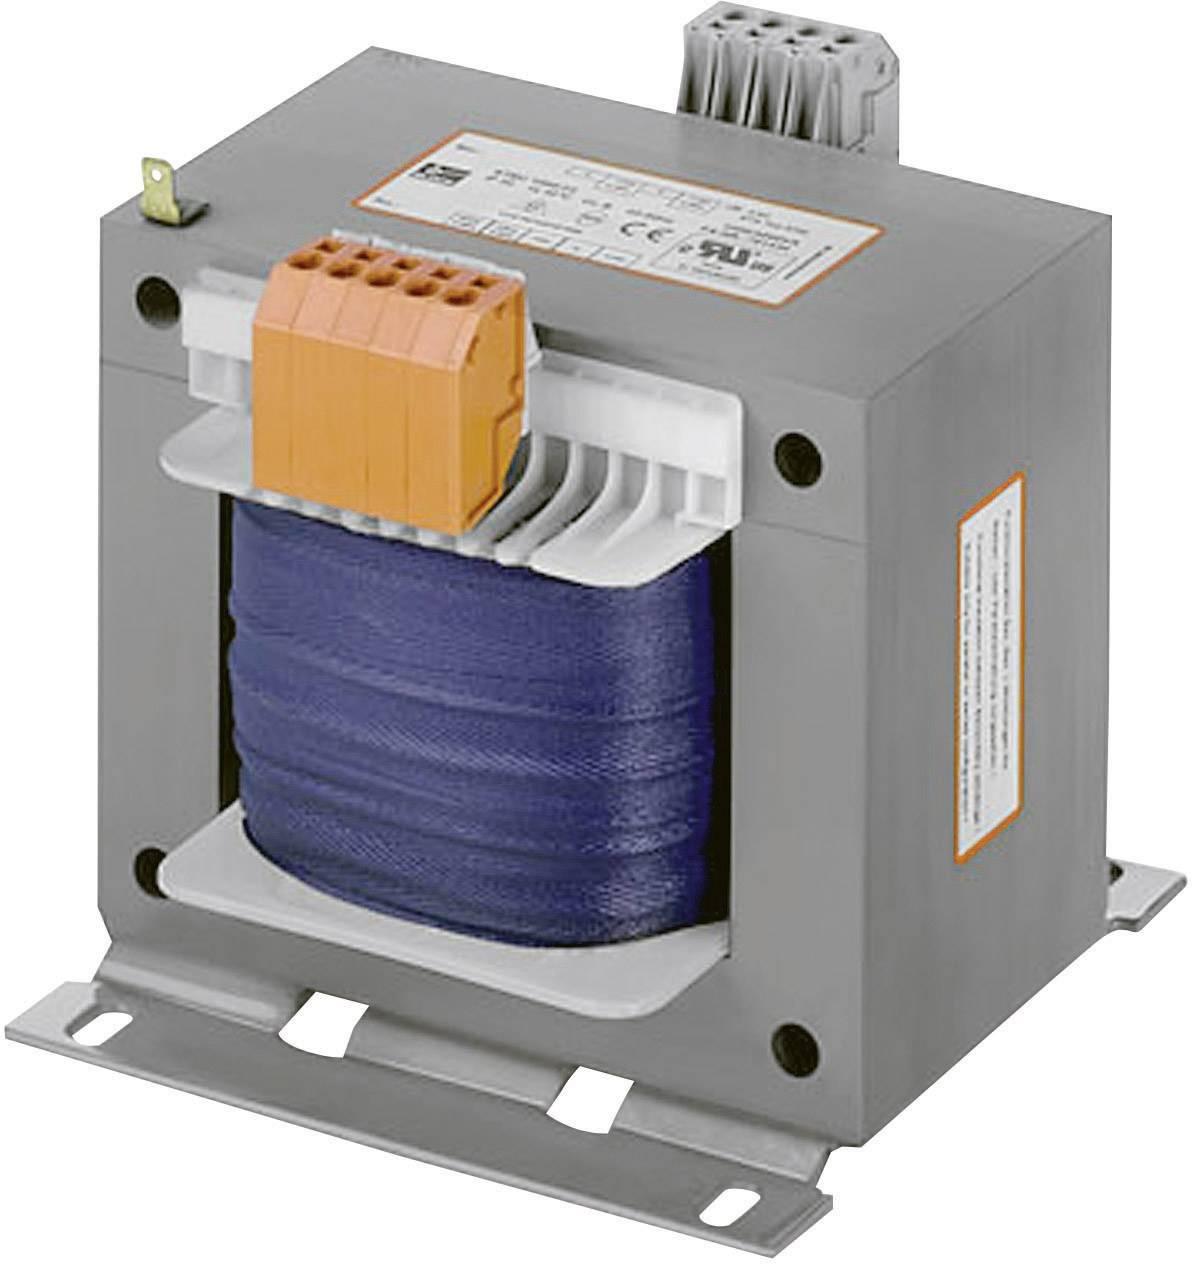 Bezpečnostný transformátor, riadiaci transformátor, izolačný transformátor Block STEU 500/48, 500 VA